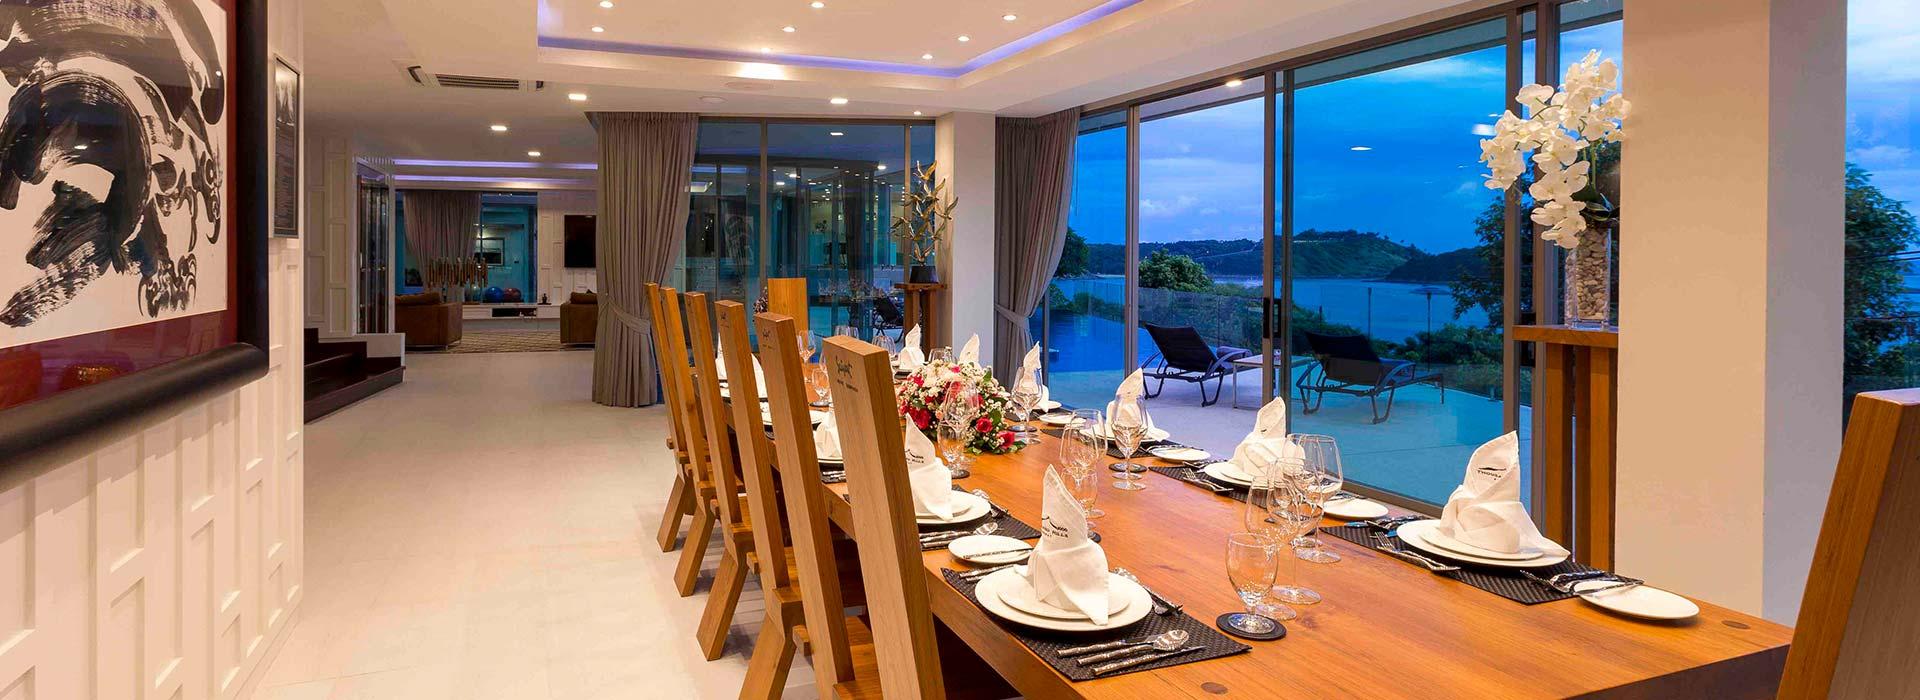 Thousand Hills 9 Bed Villa<br>Nai Harn, Phuket